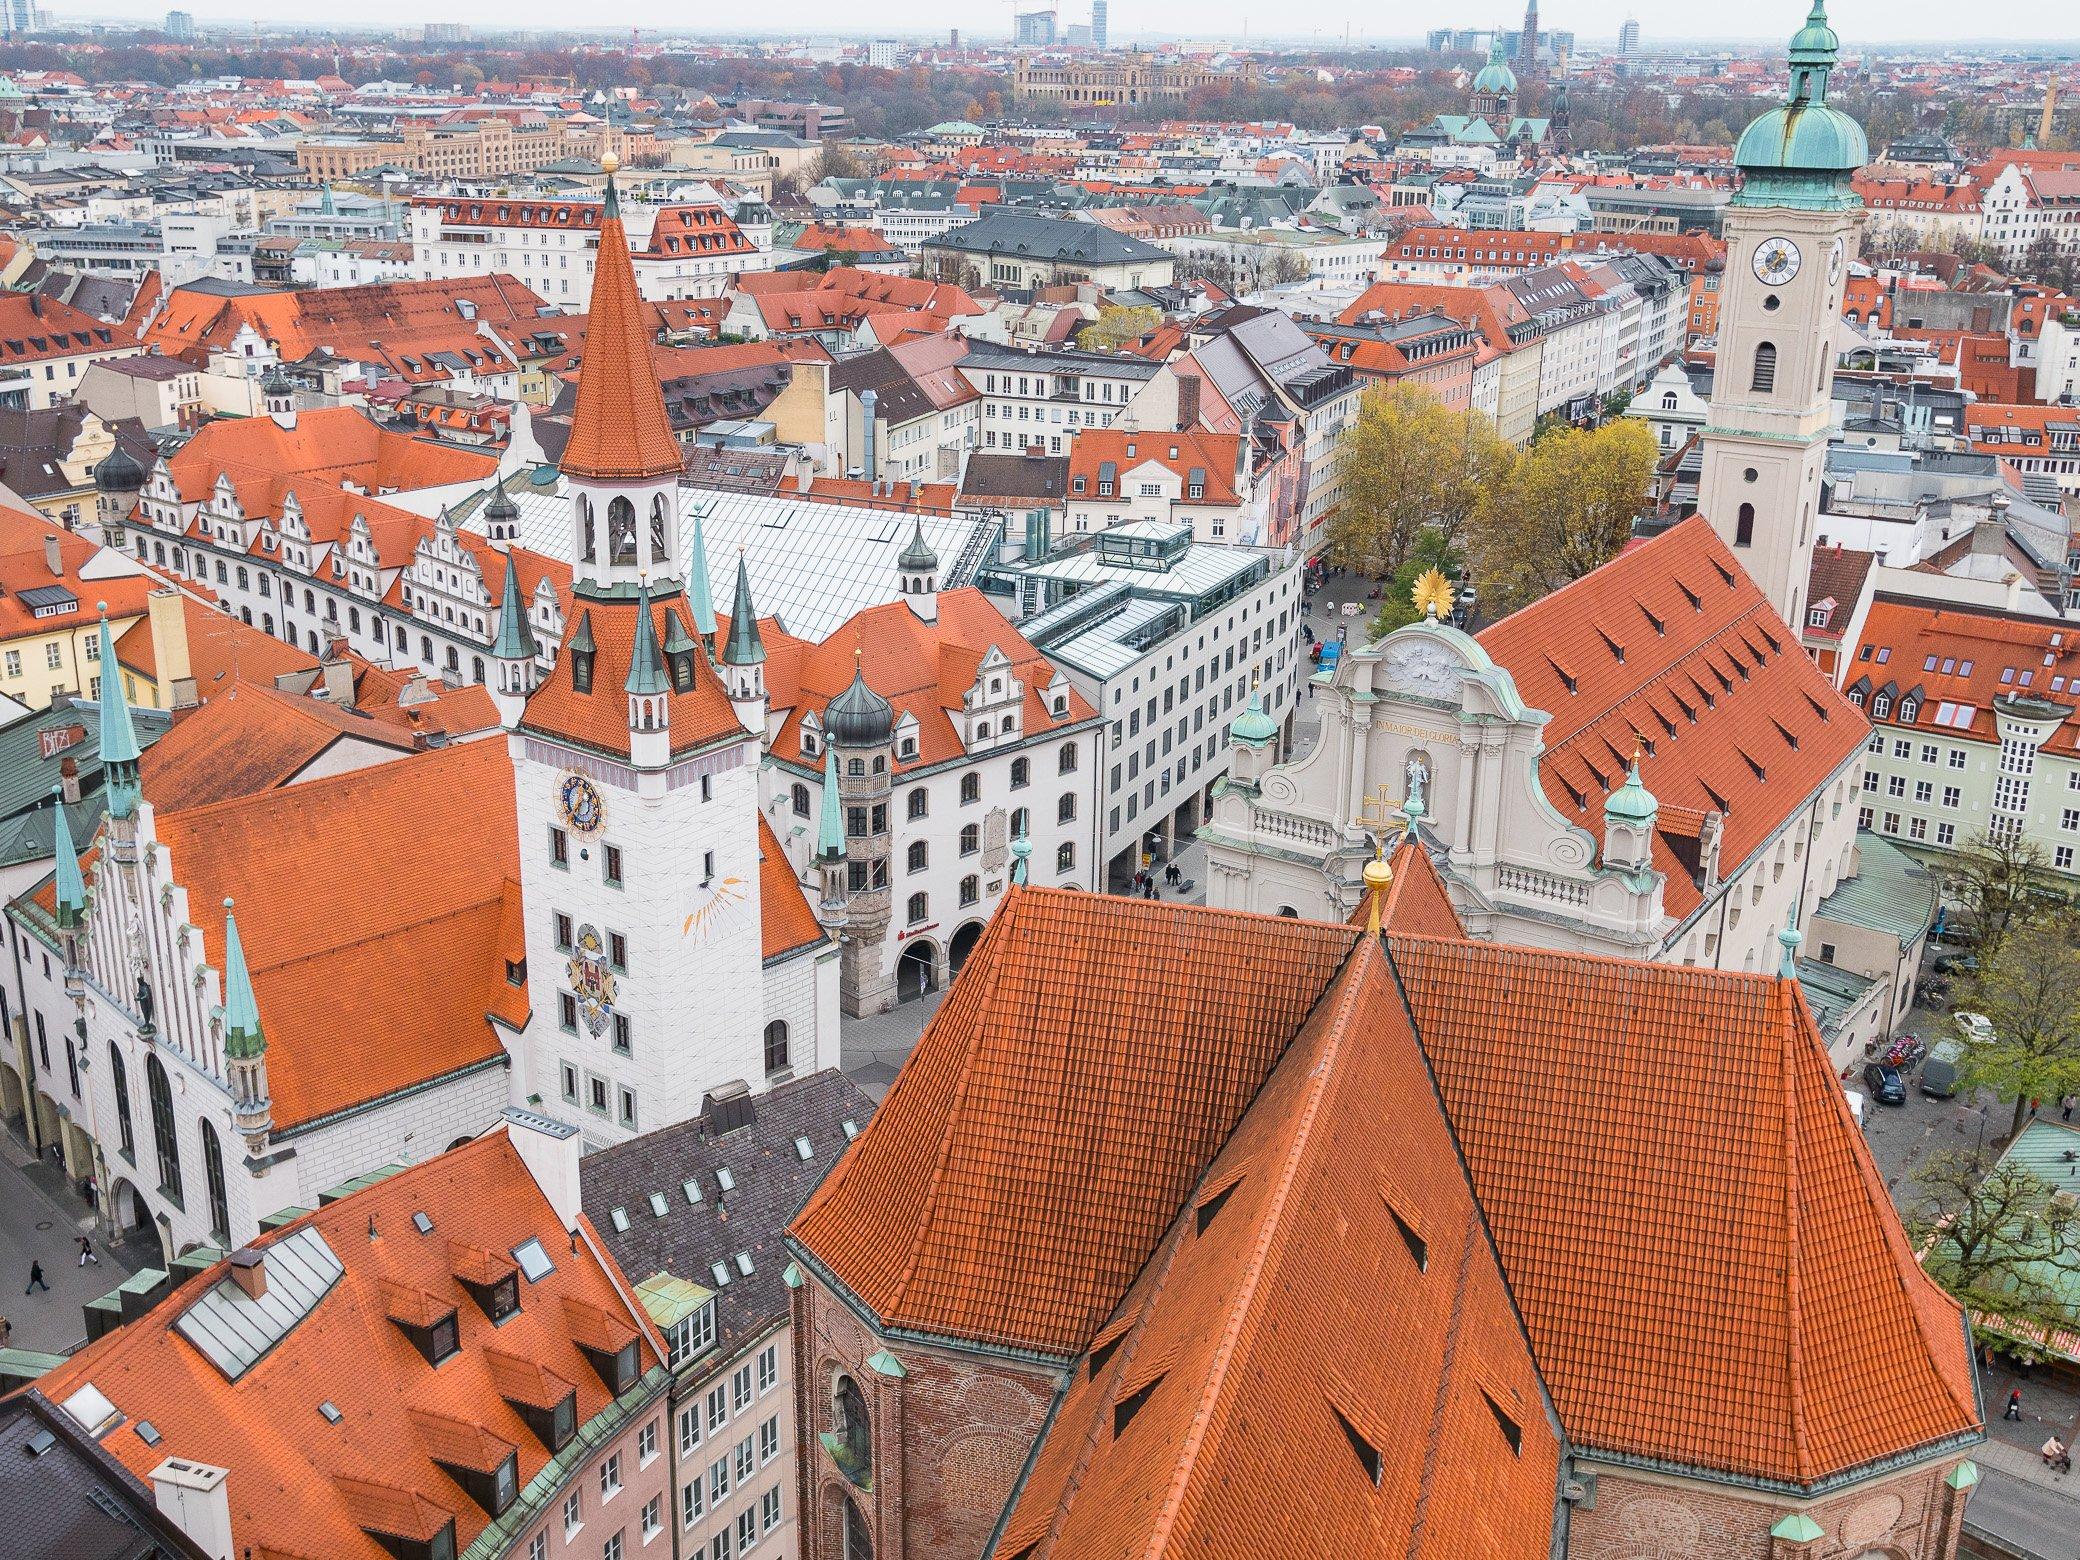 vue sur les toits de Munich